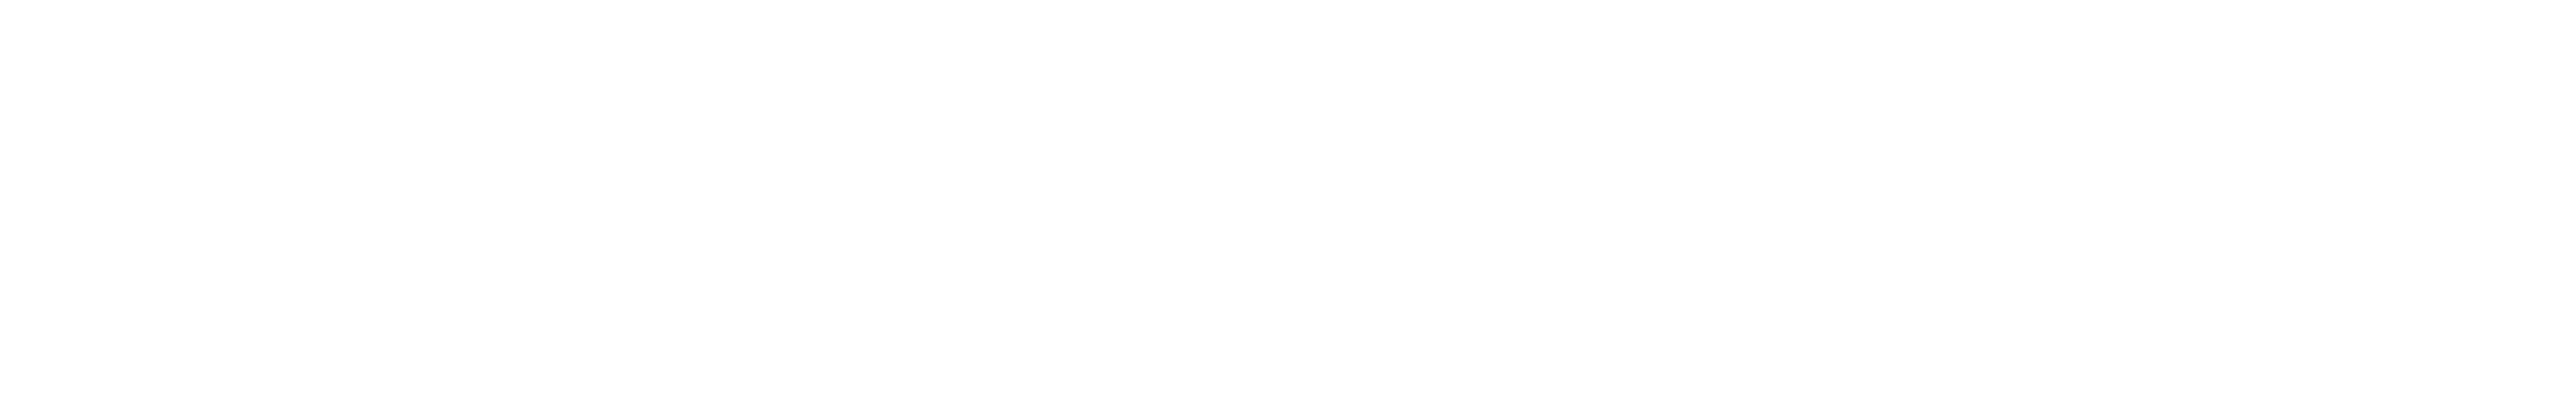 TodayTix White Logo